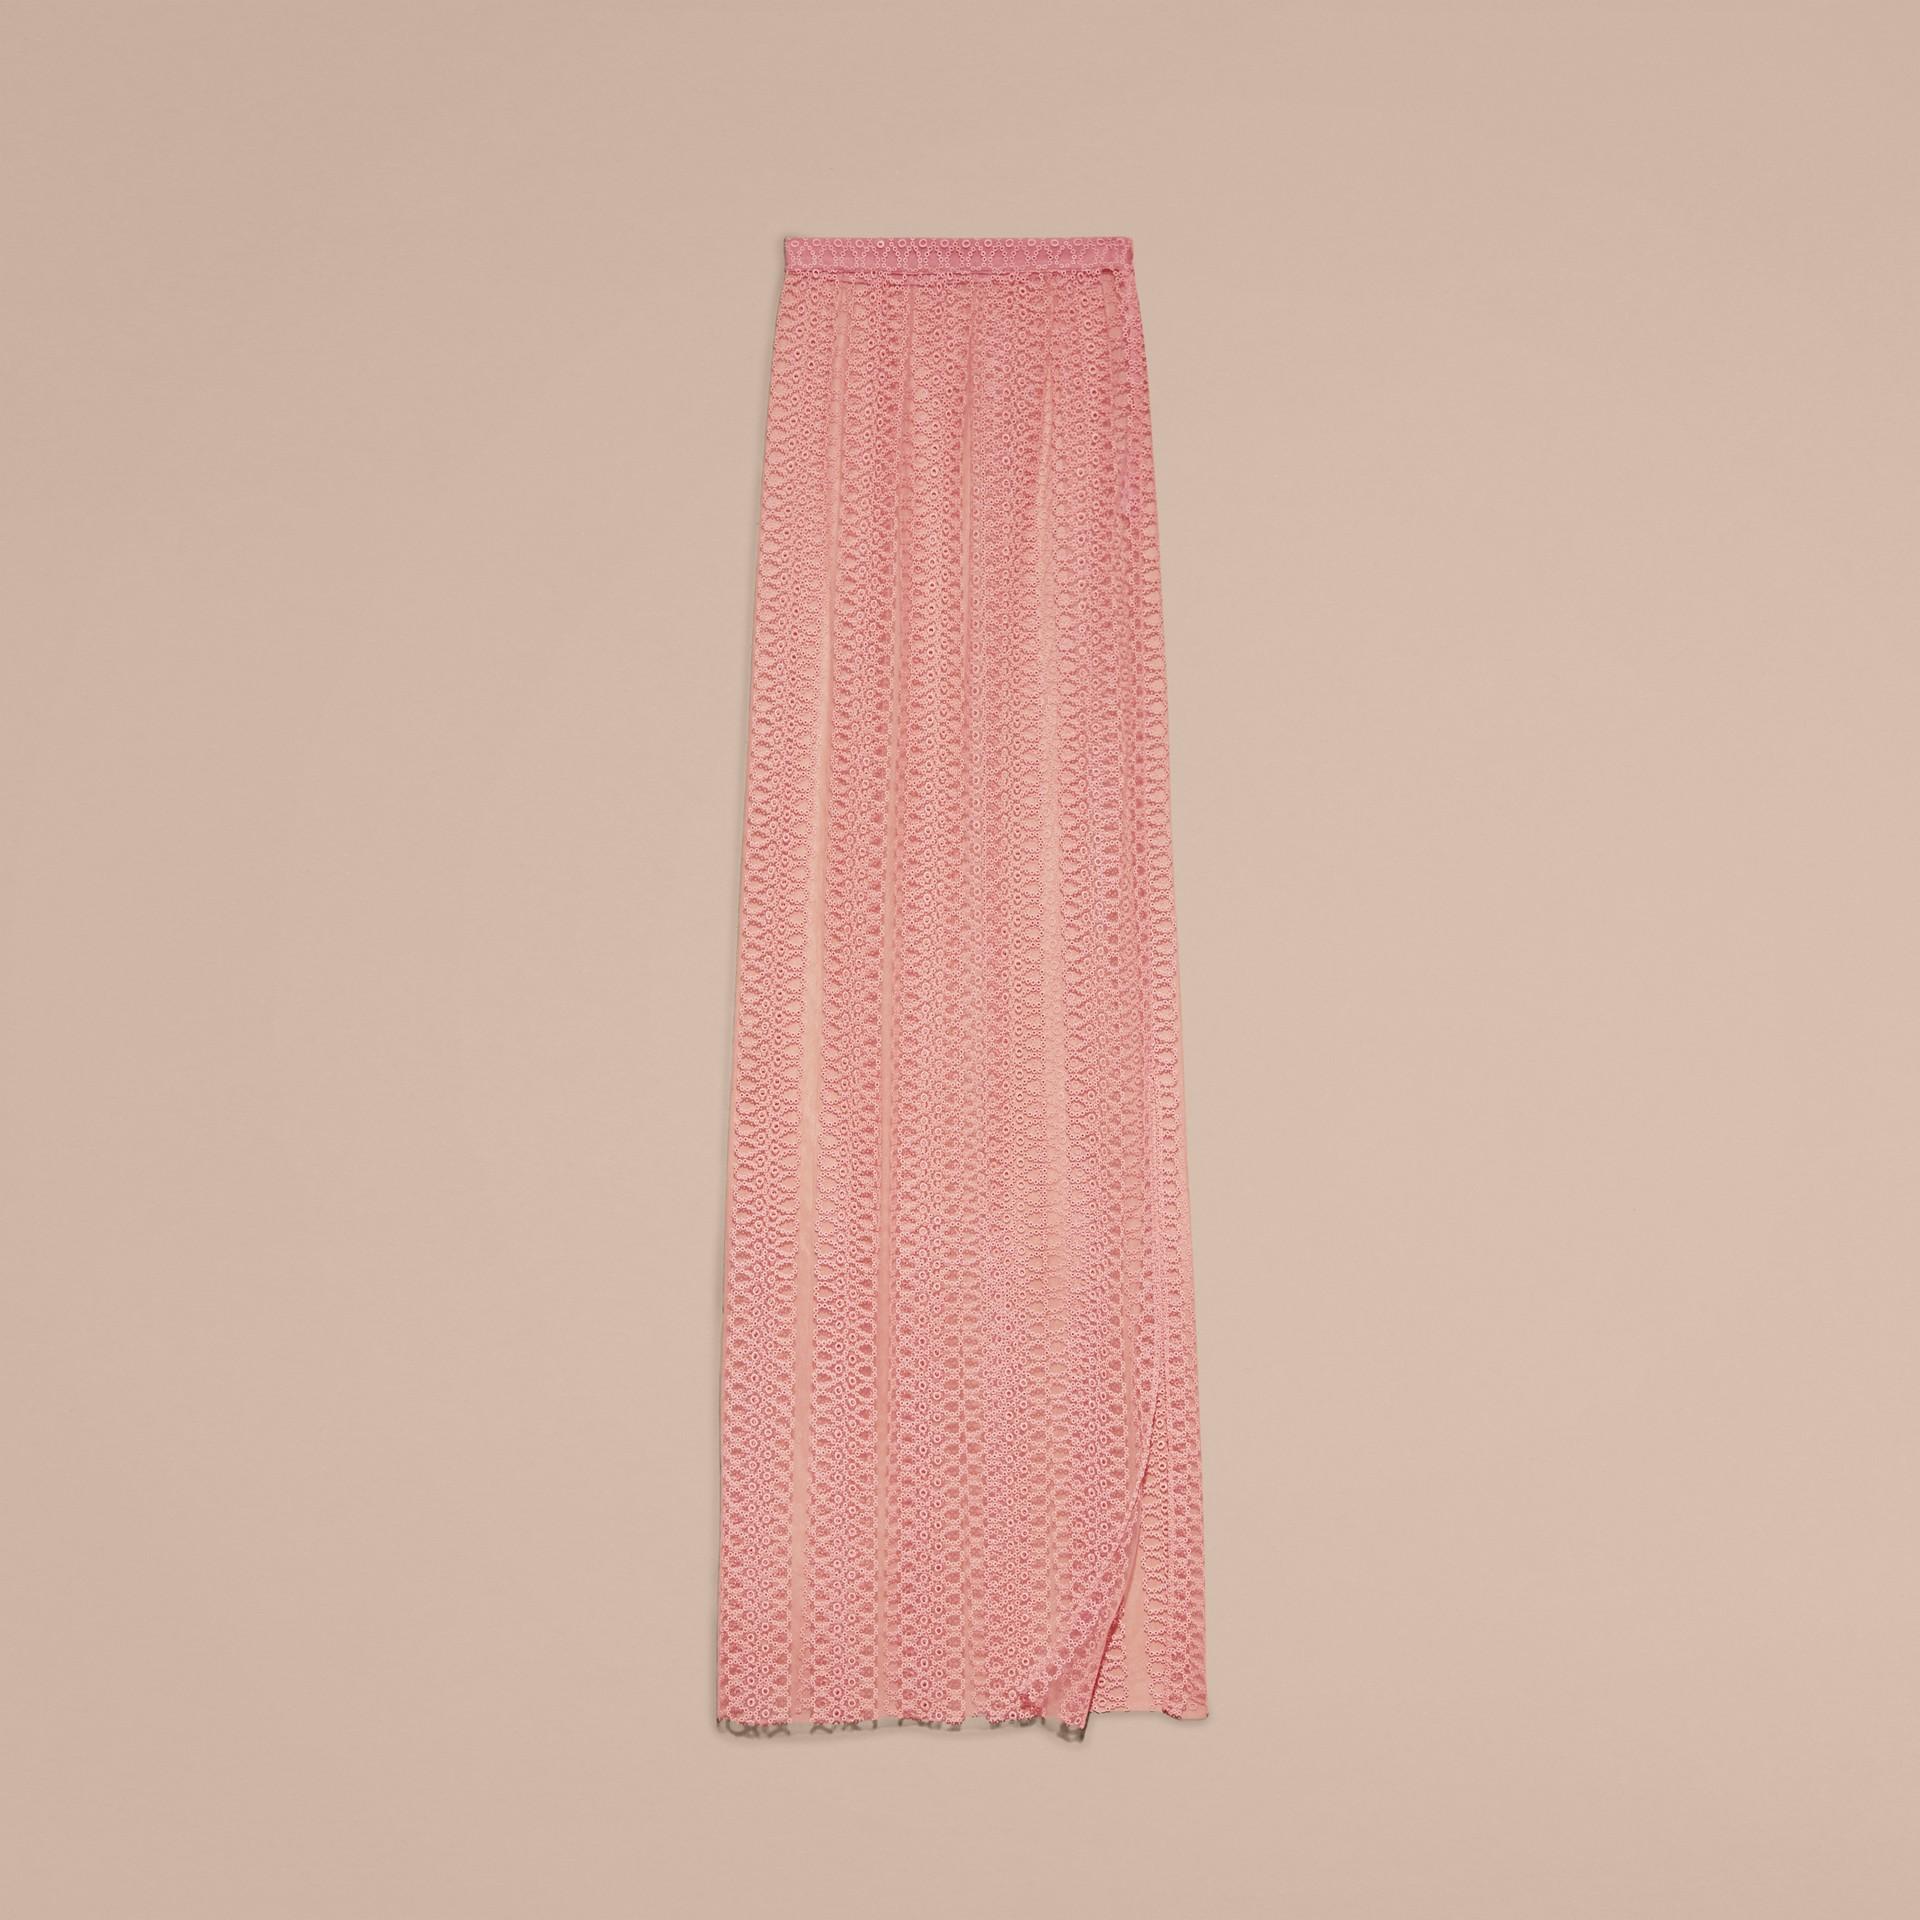 Rosa claro Saia estilo coluna de tule com faixas de bordado - galeria de imagens 4